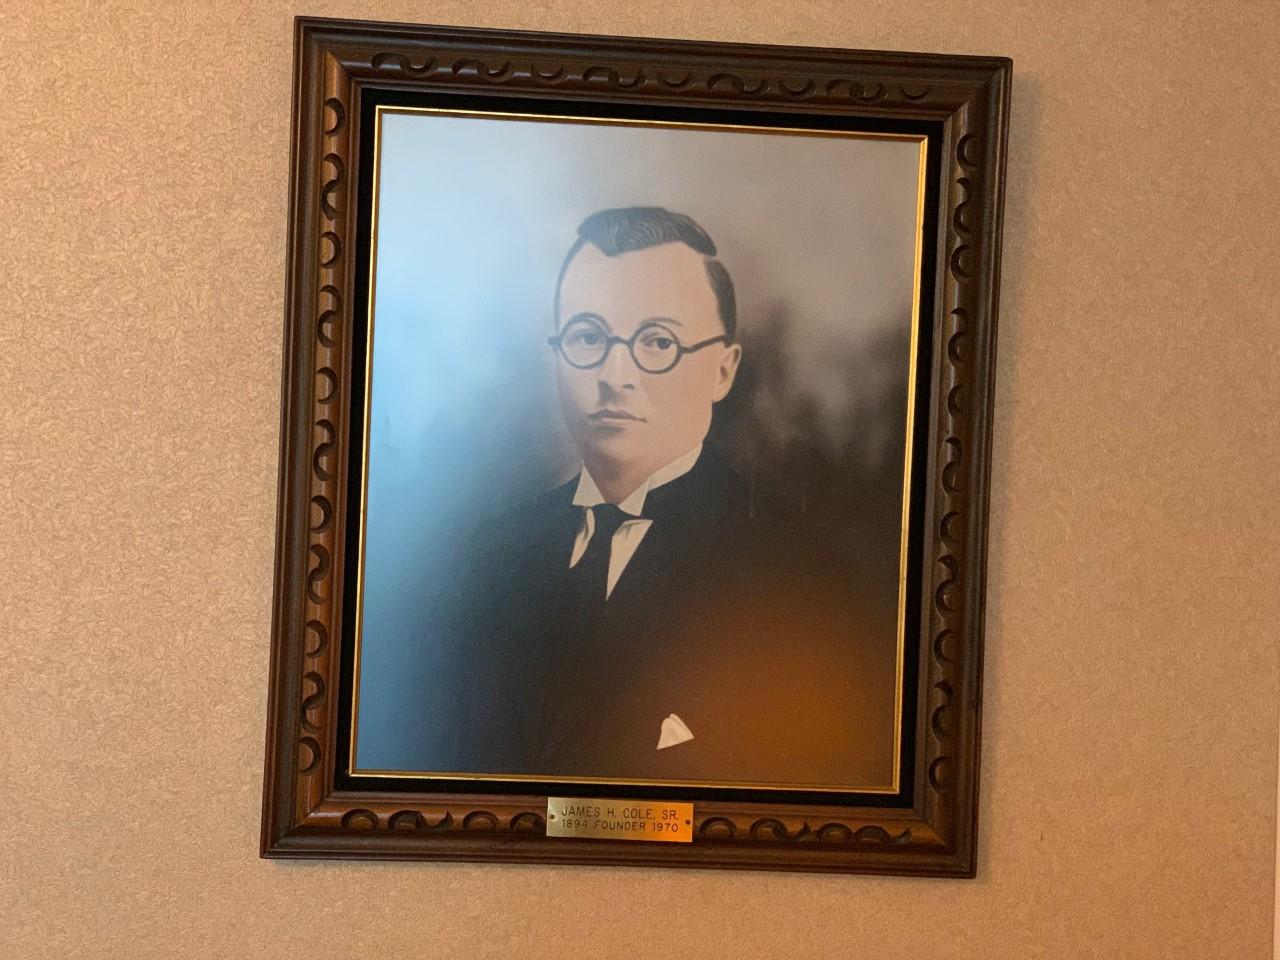 James H. Cole 3